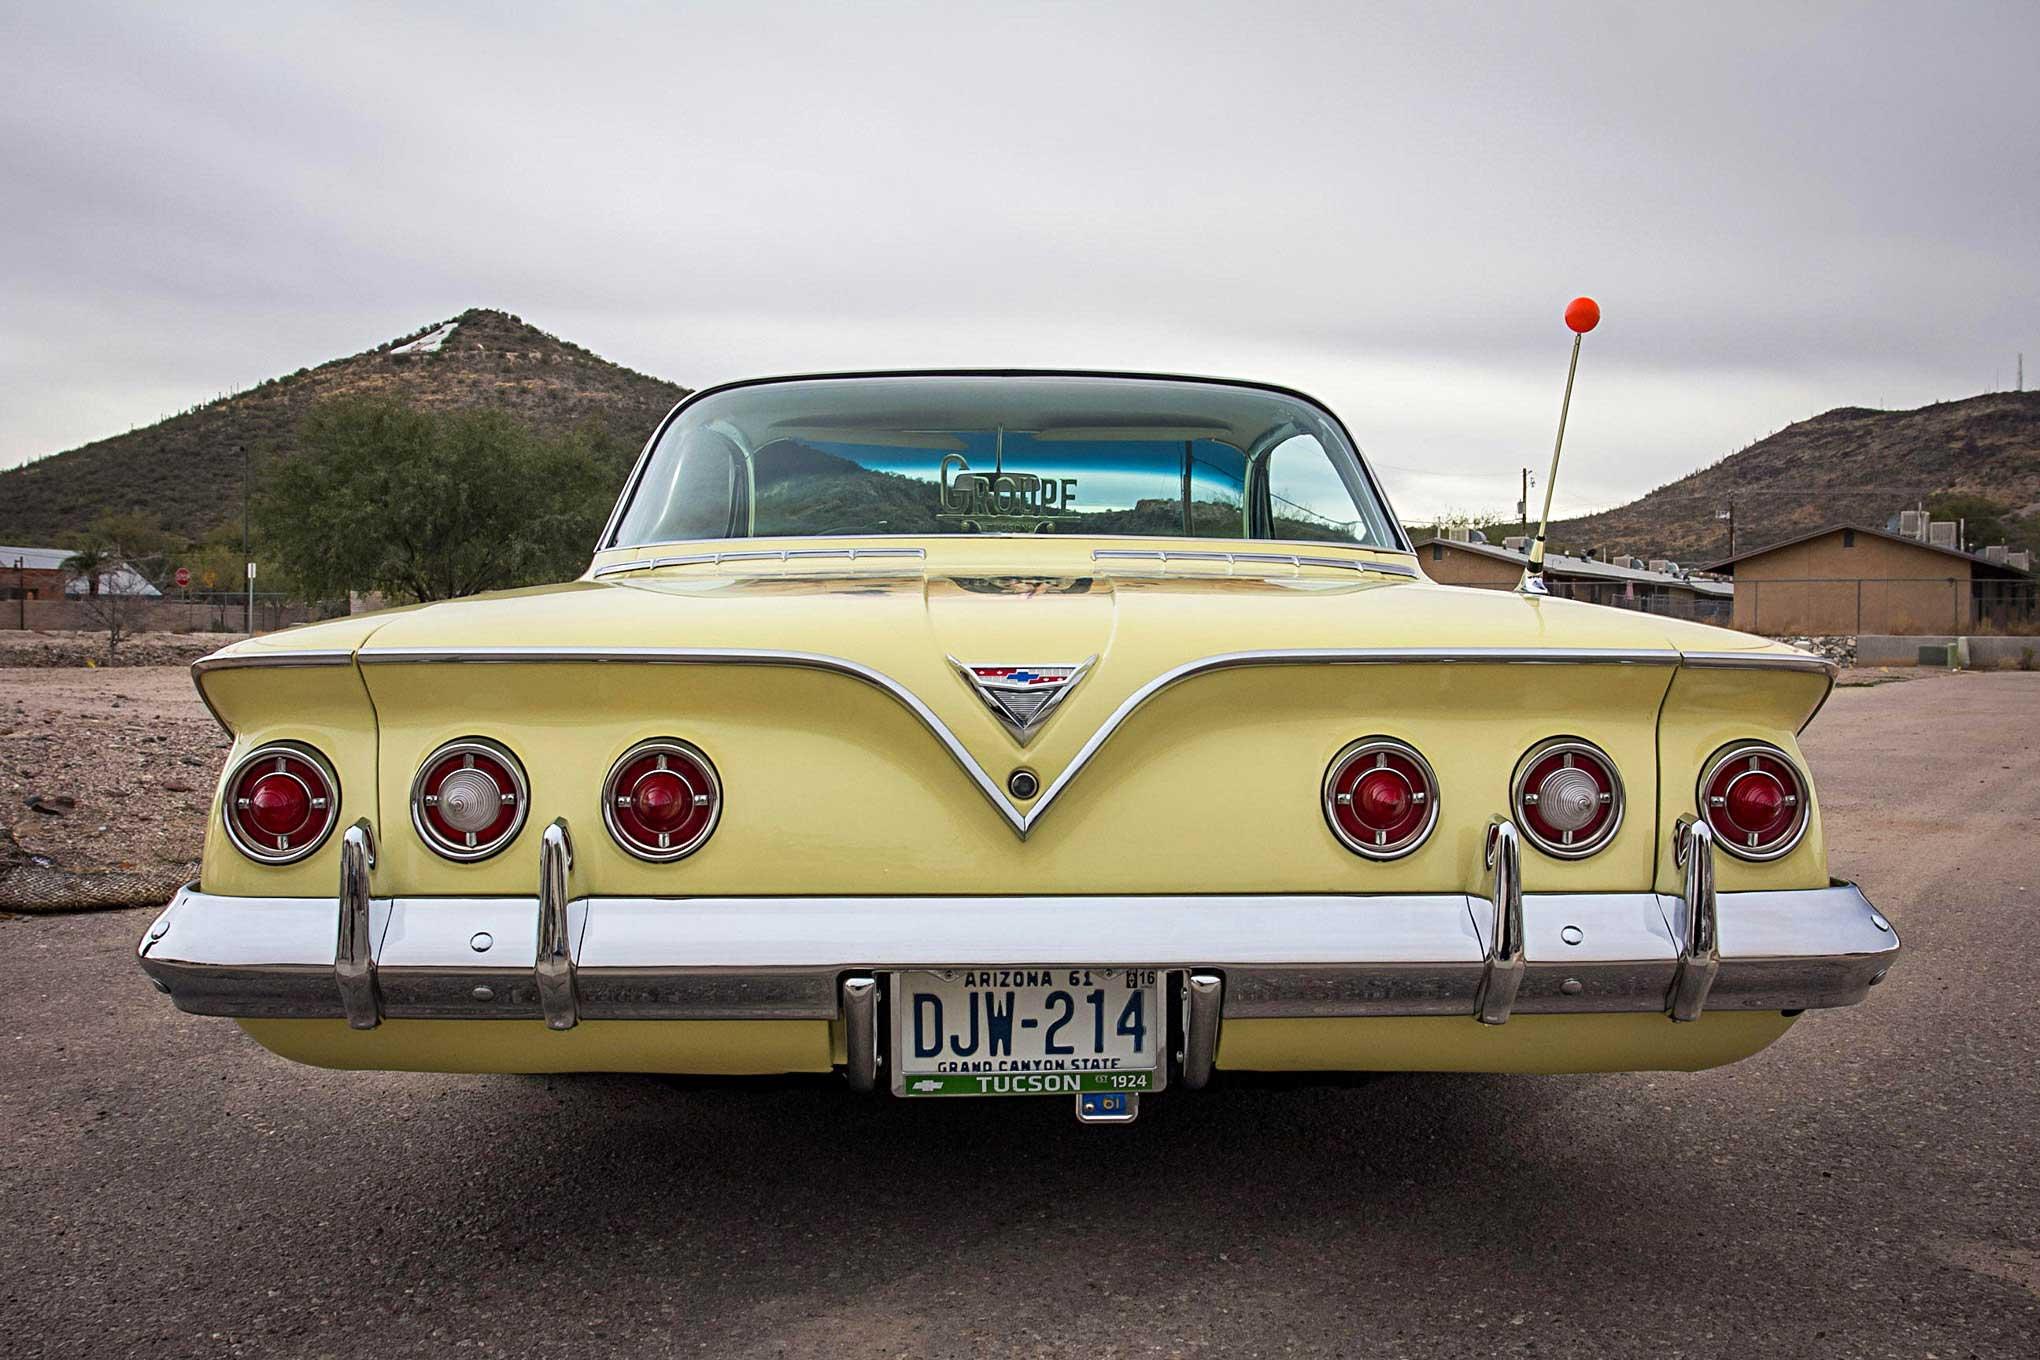 Kelebihan Kekurangan Chevrolet Impala 1961 Murah Berkualitas